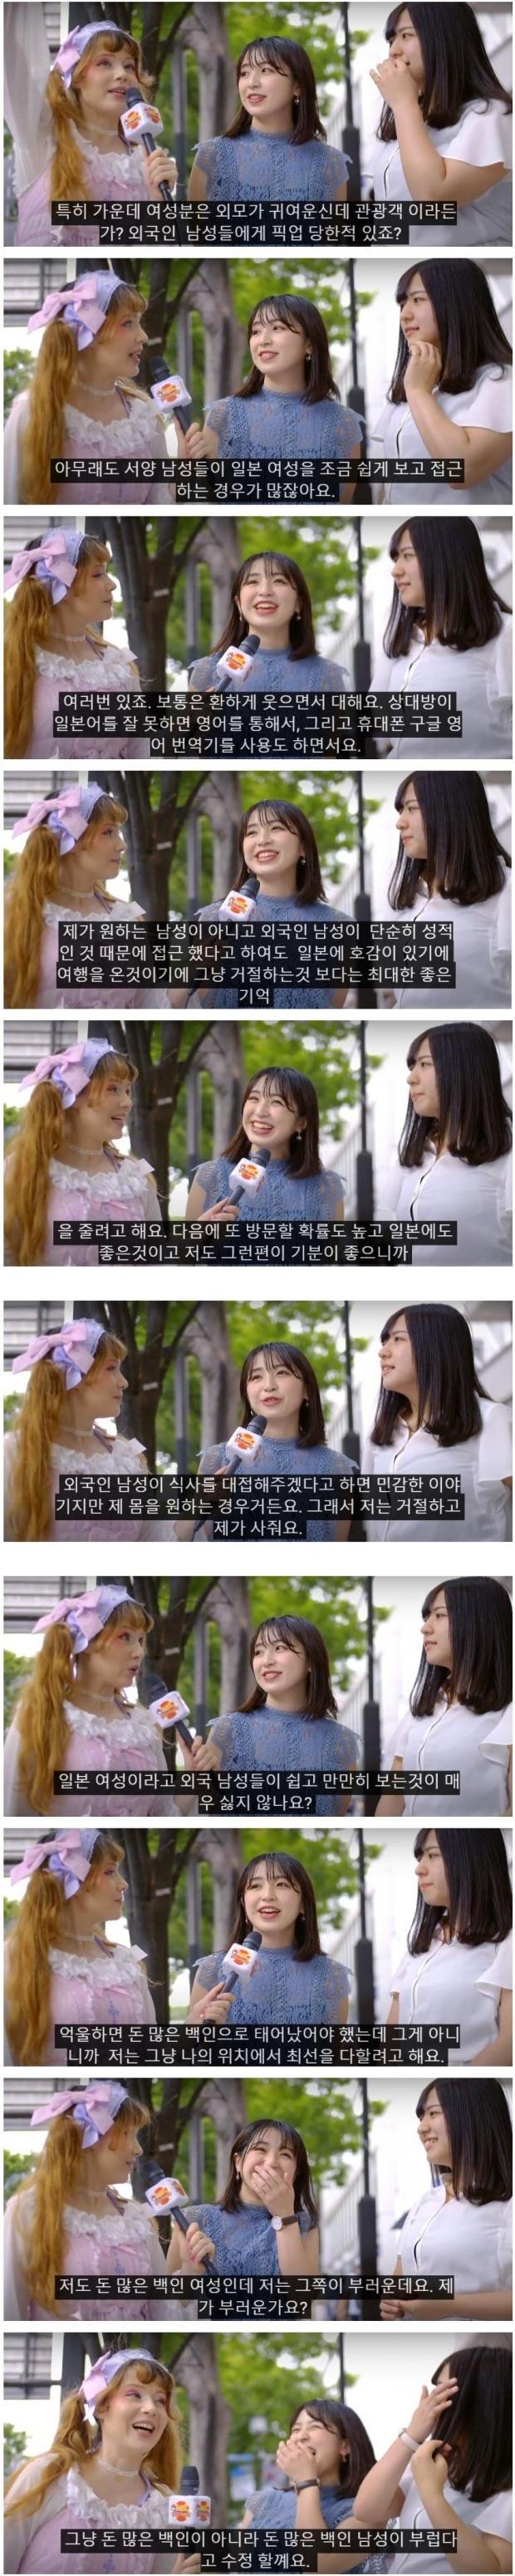 스시녀의 헌팅 대처